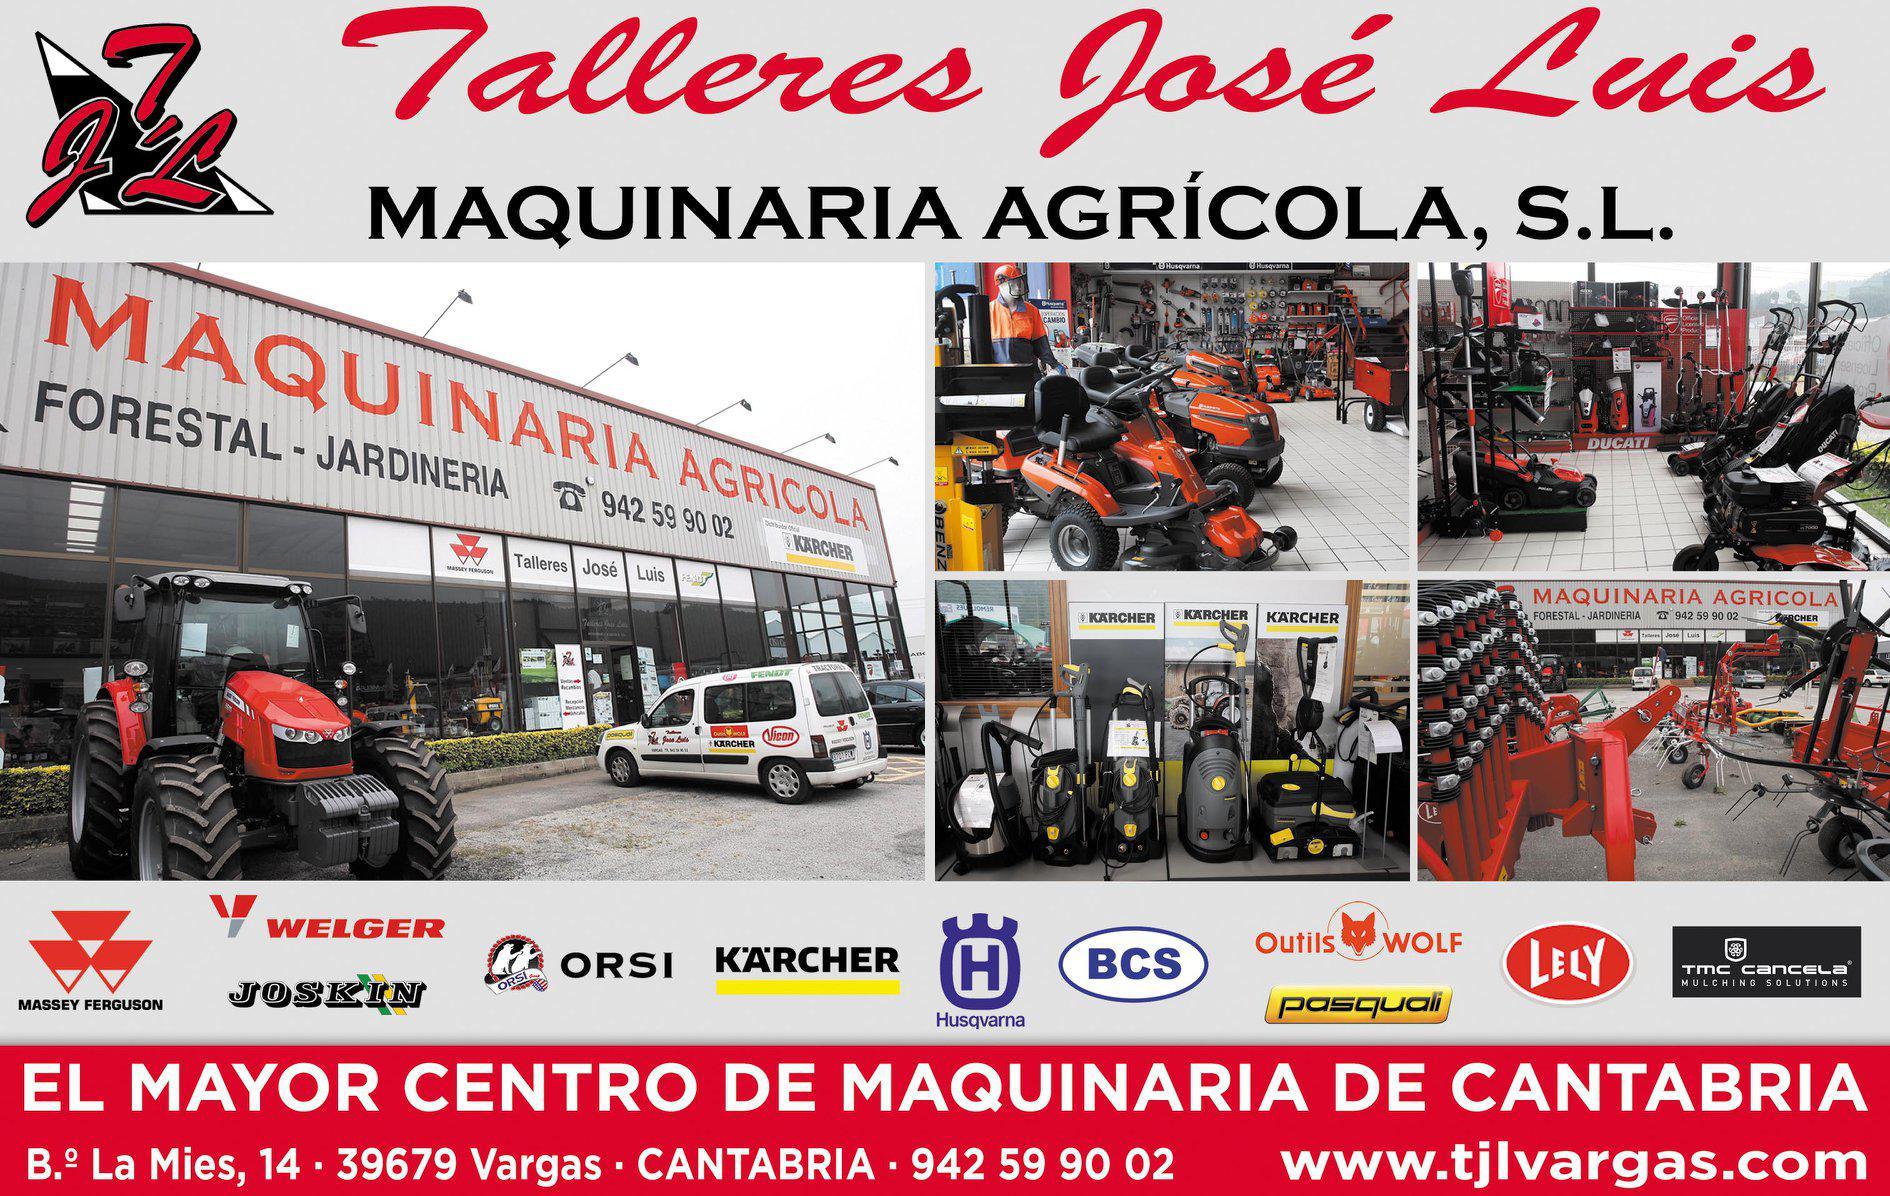 Talleres José Luis Maquinaria Agrícola